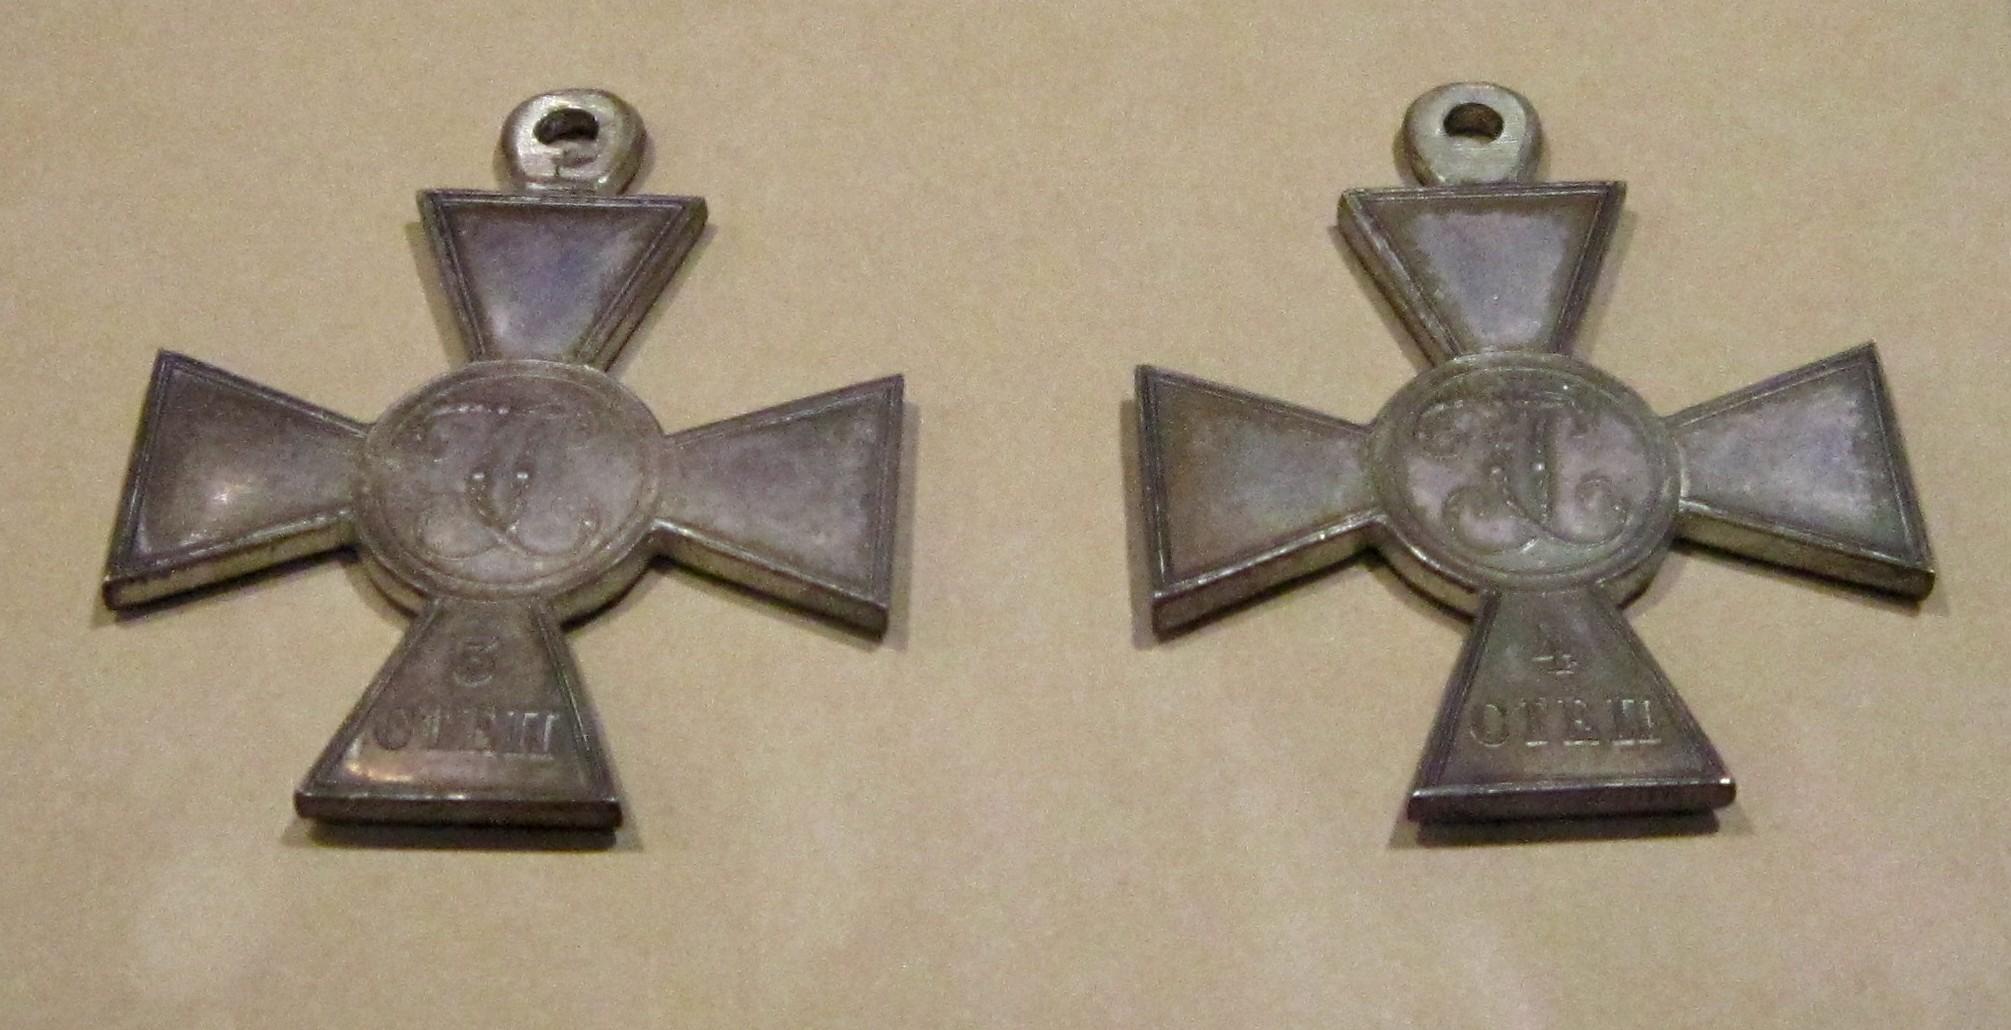 Георгиевский солдатский крест III и IV степени.